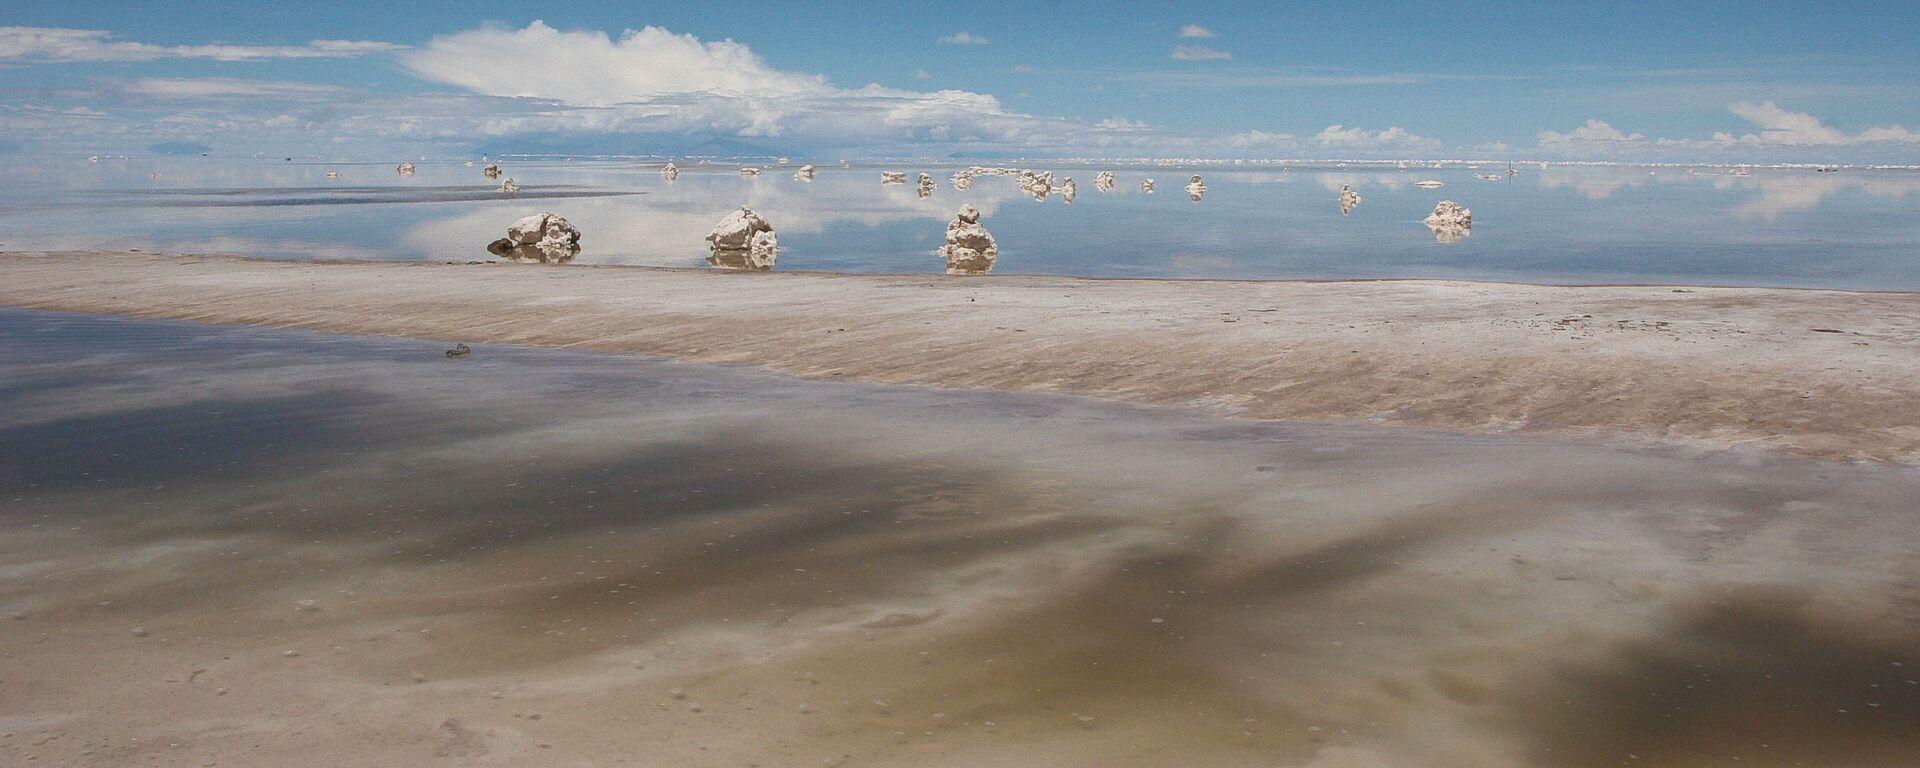 El salar de Uyuni en Bolivia, gran reserva de litio - Sputnik Mundo, 1920, 02.02.2021